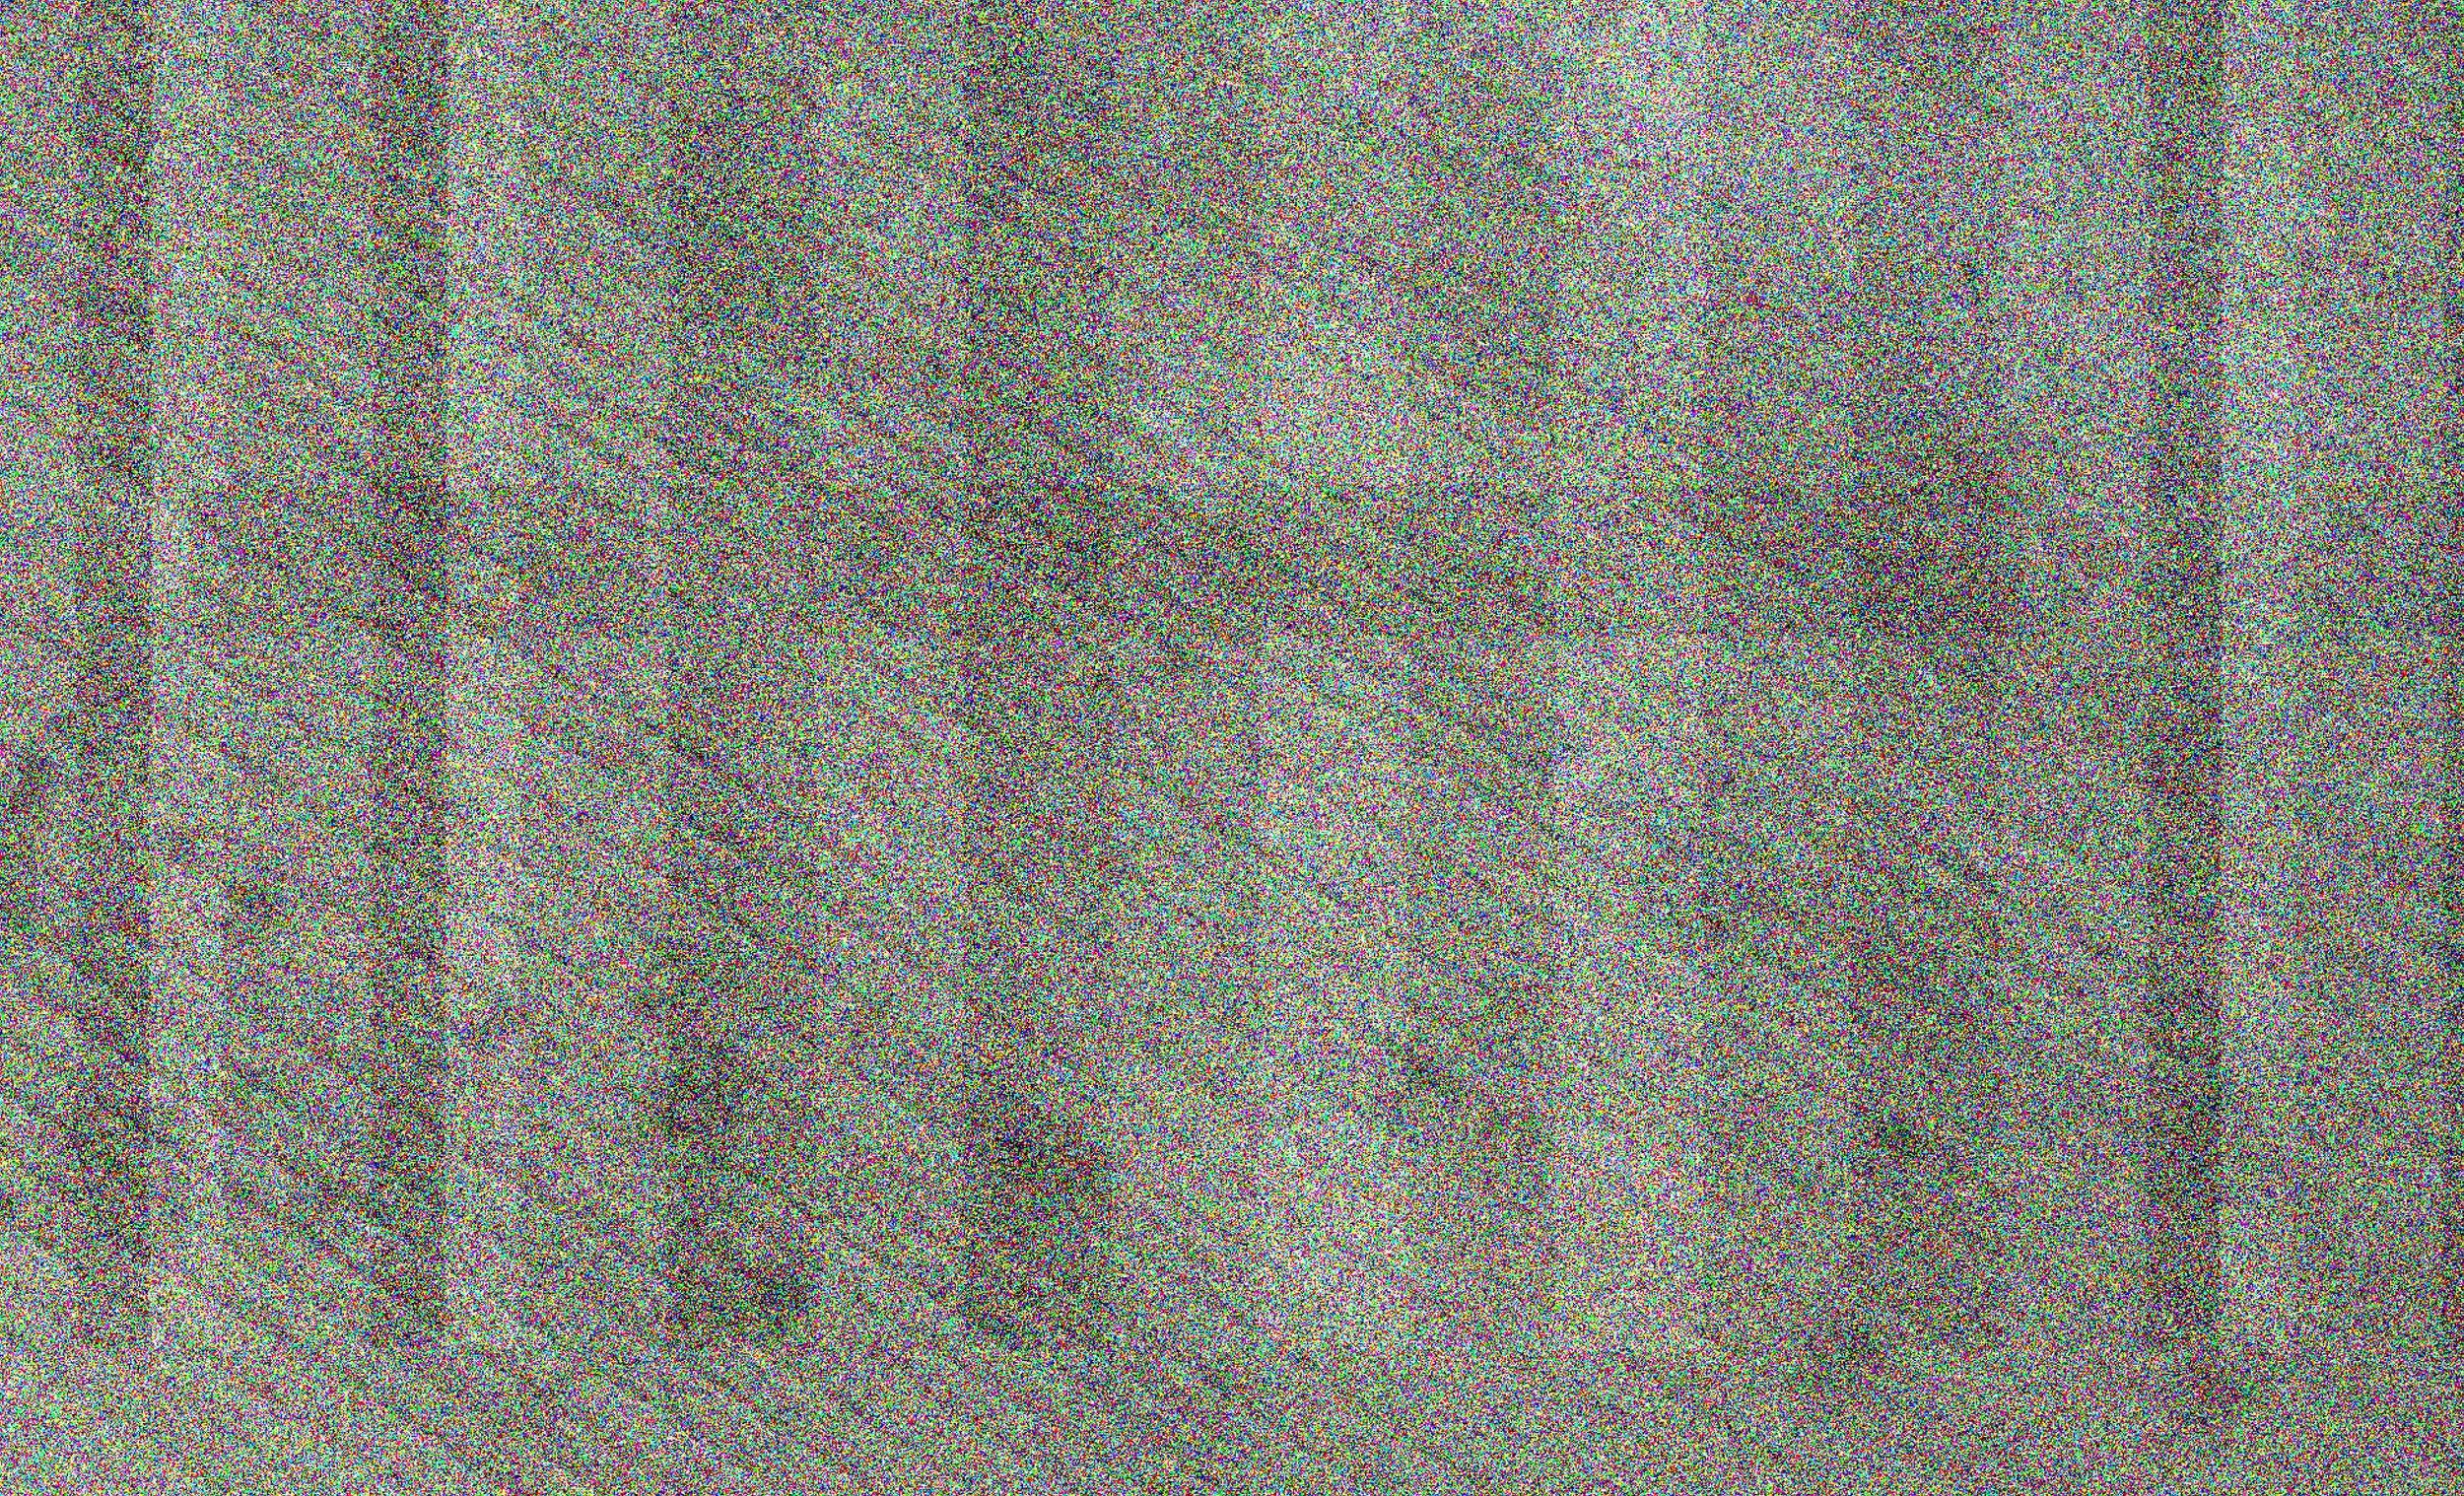 Annabelle TTN - PRINT BOOK (14x17)_Page_45.jpg